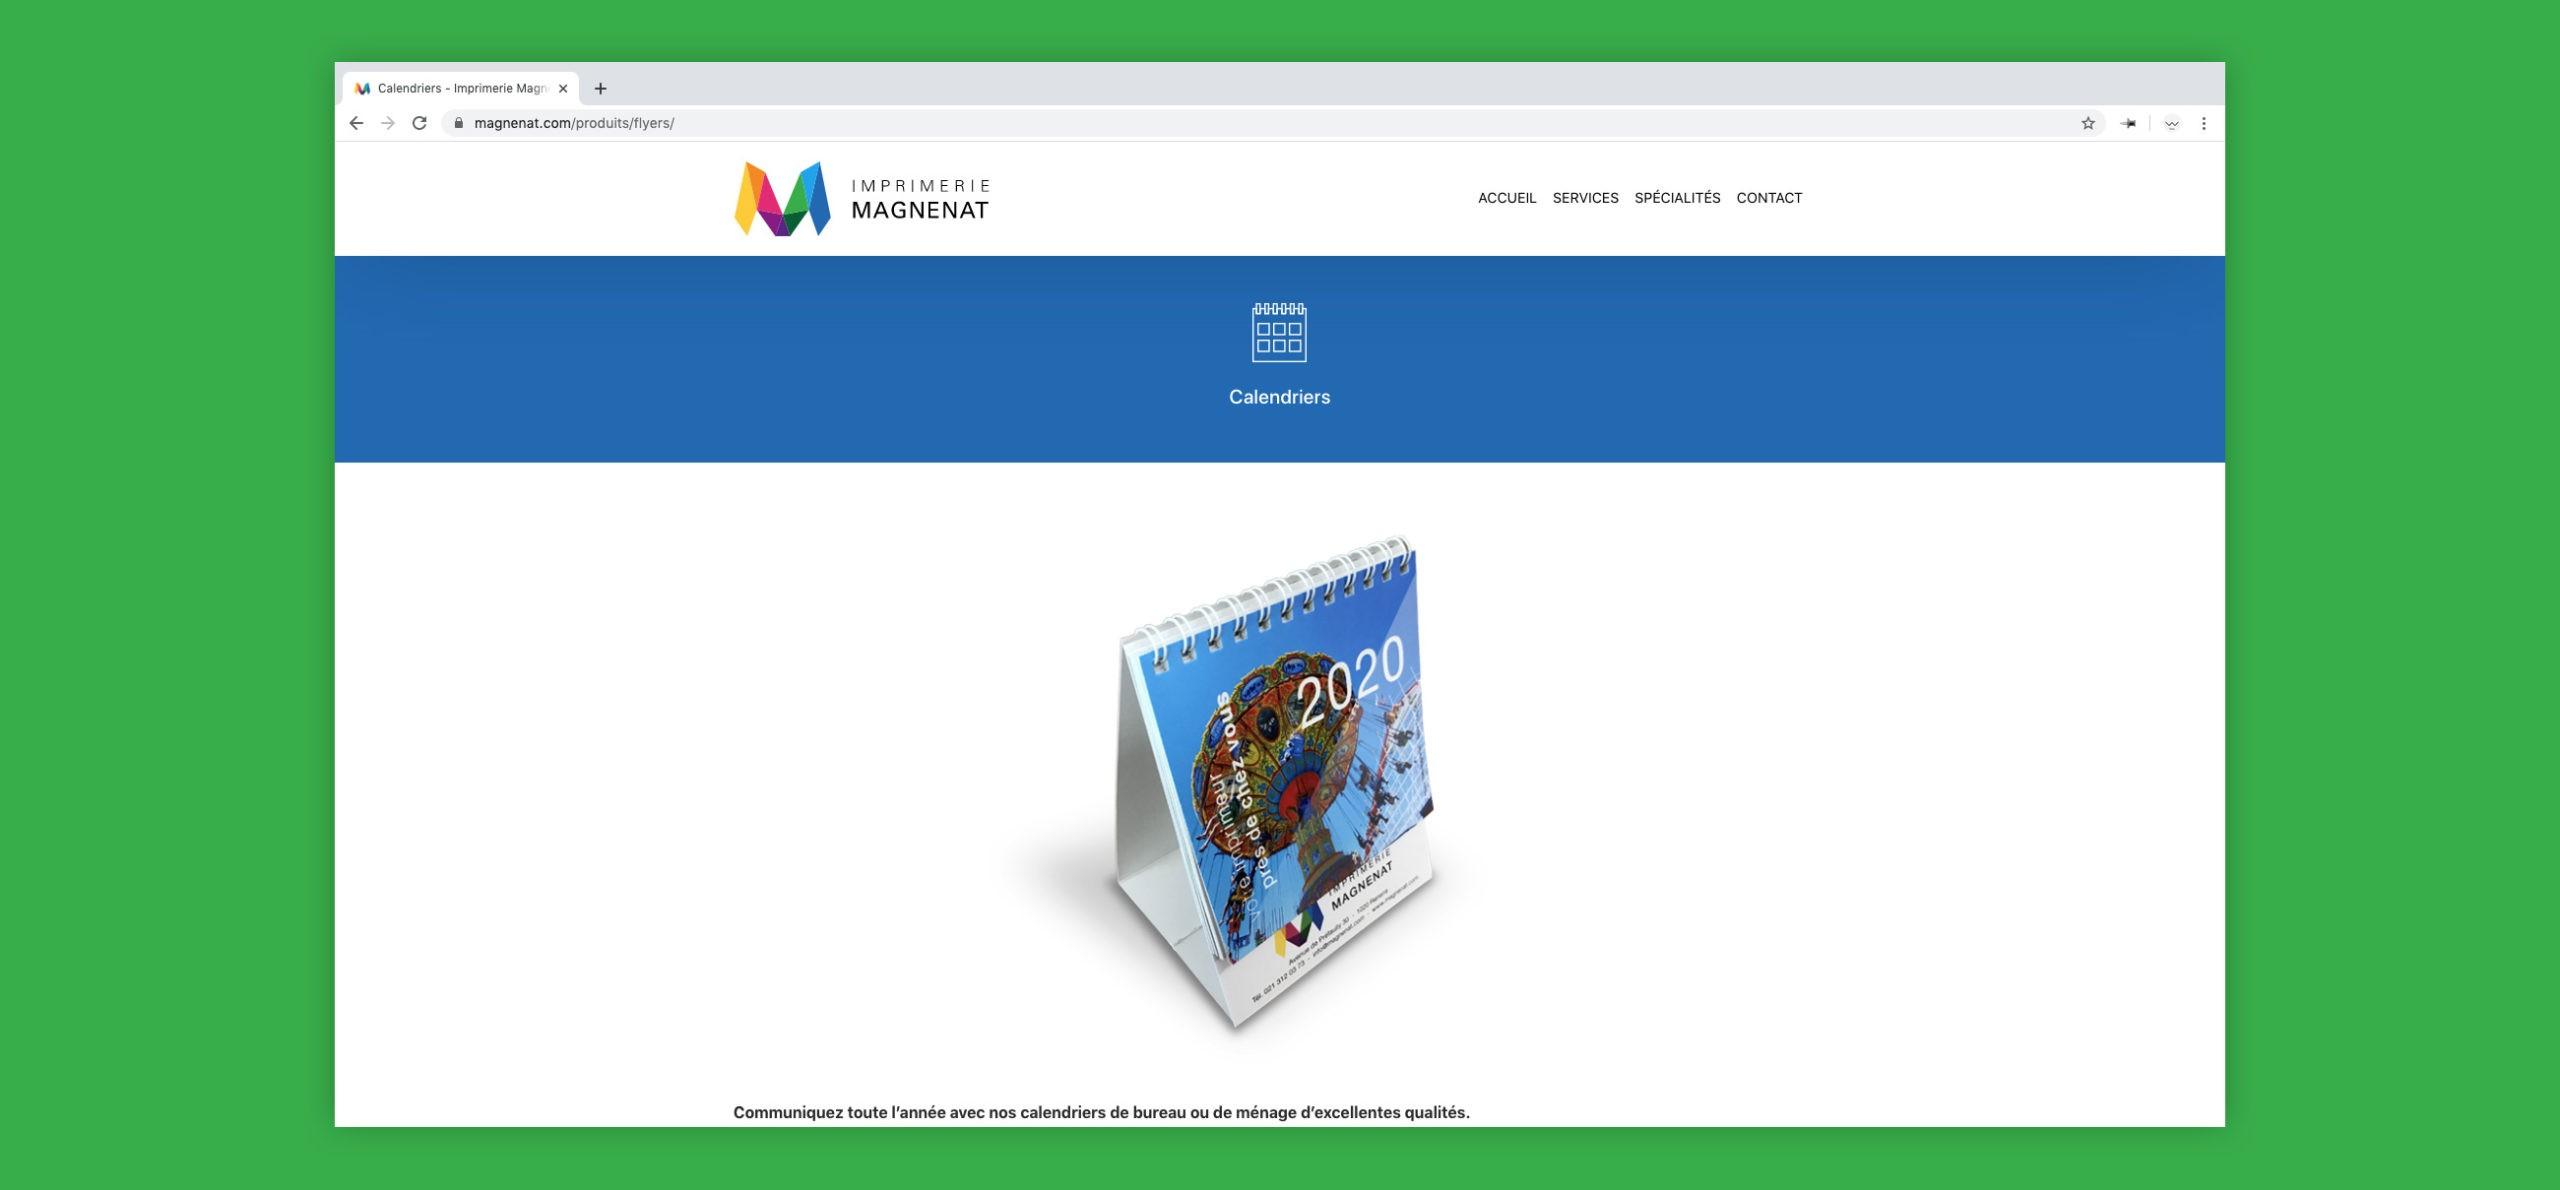 Site web magnenat sur la page des flyers avec une image de calendrier au centre.